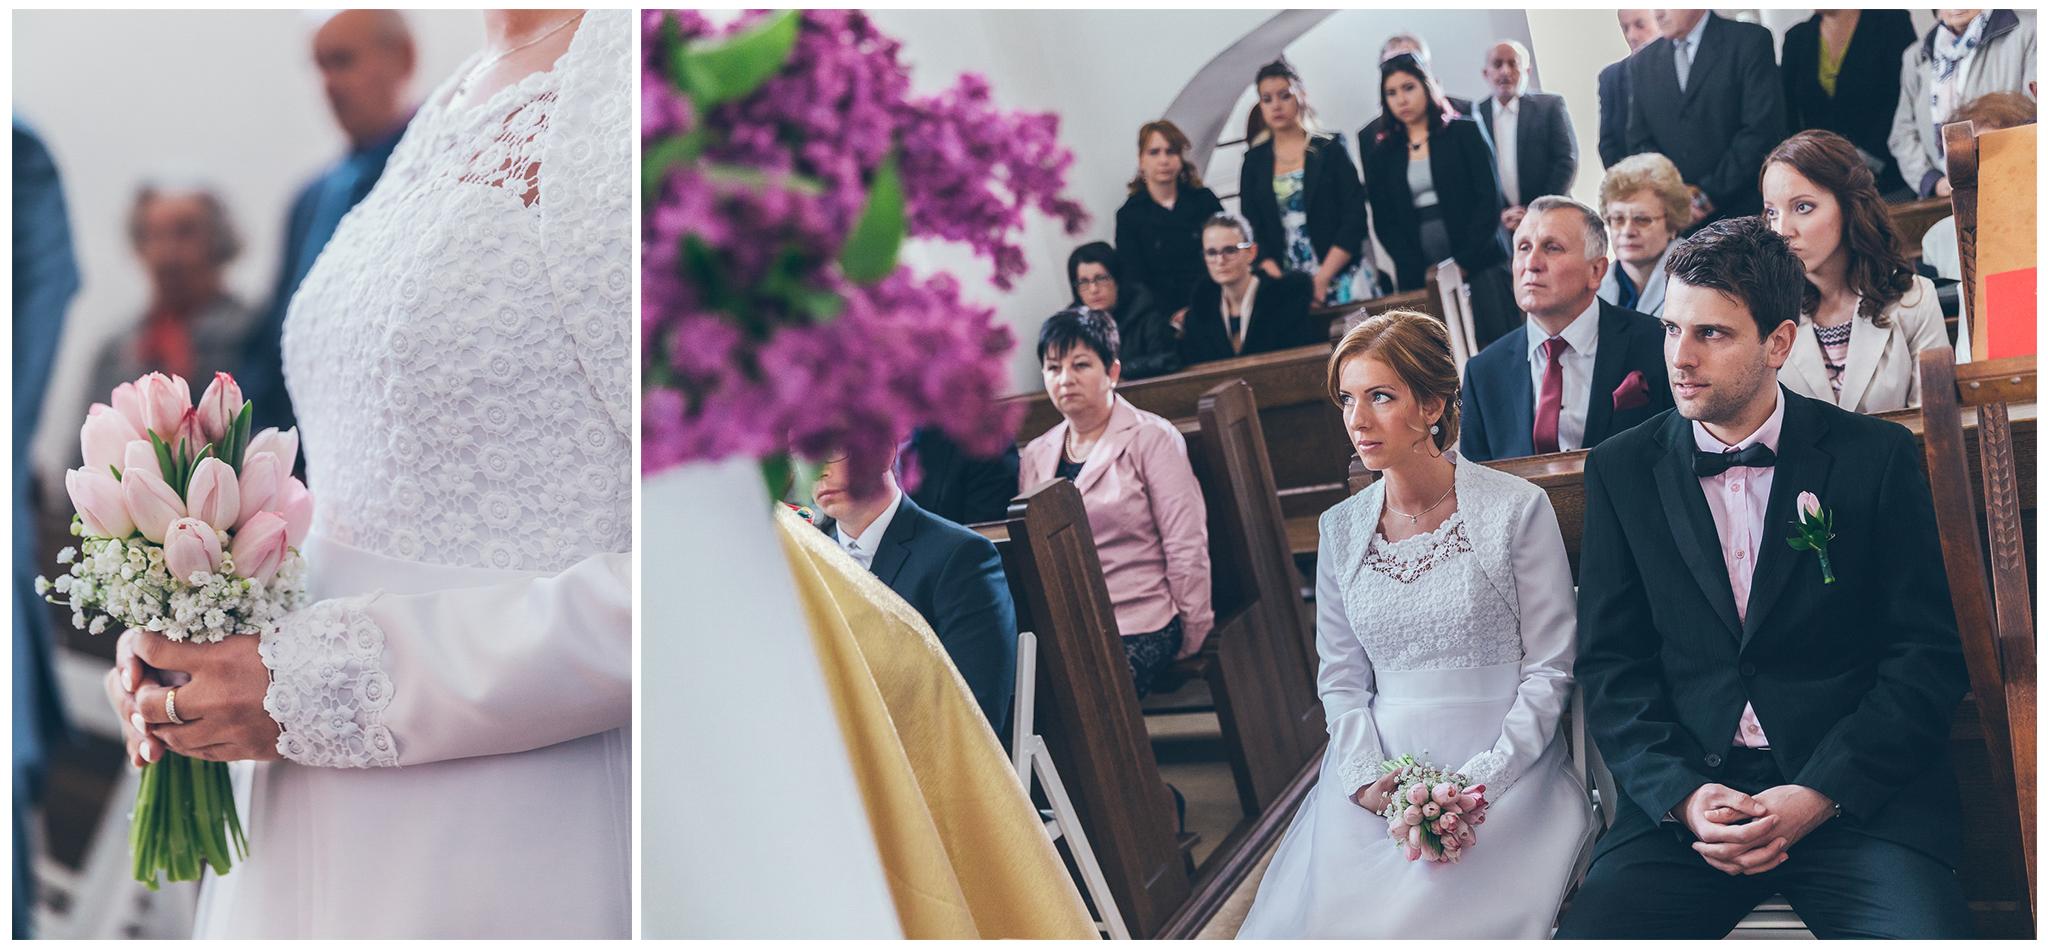 FylepPhoto, esküvőfotós, esküvői fotós Körmend, Szombathely, esküvőfotózás, magyarország, vas megye, prémium, jegyesfotózás, Fülöp Péter, körmend, kreatív, fotográfus_17.jpg